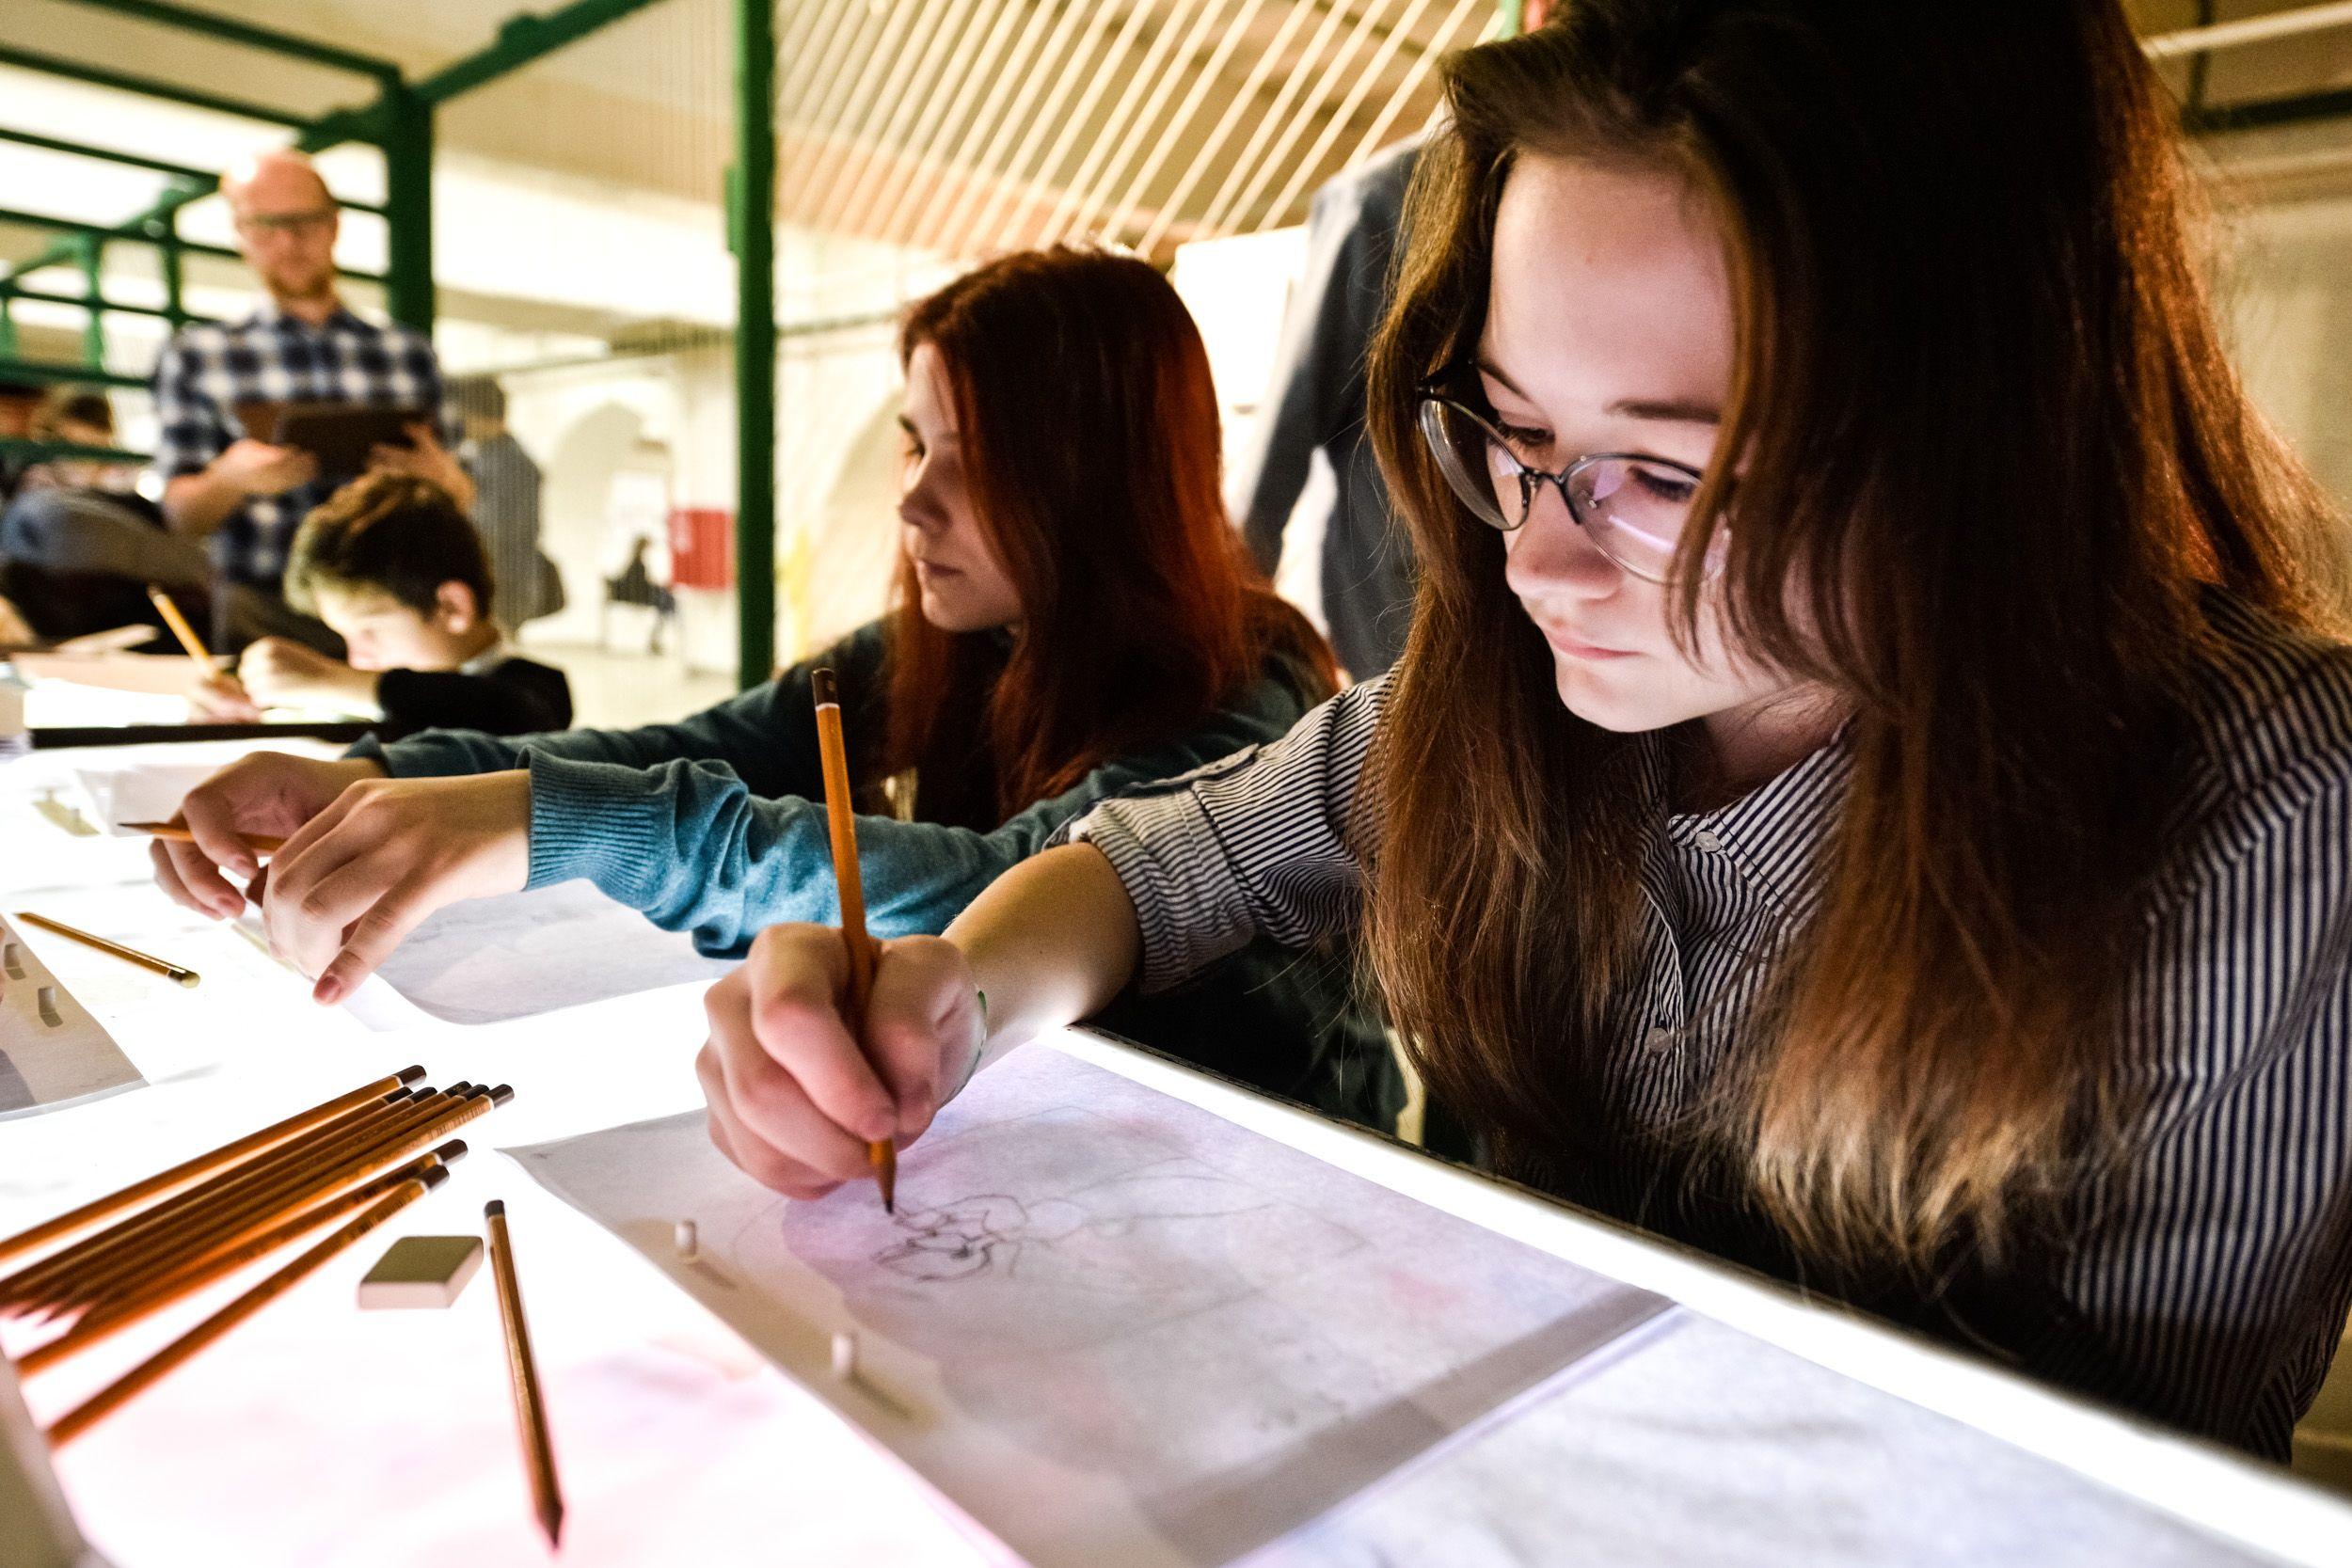 Бесплатная школа комиксов откроется в Москве